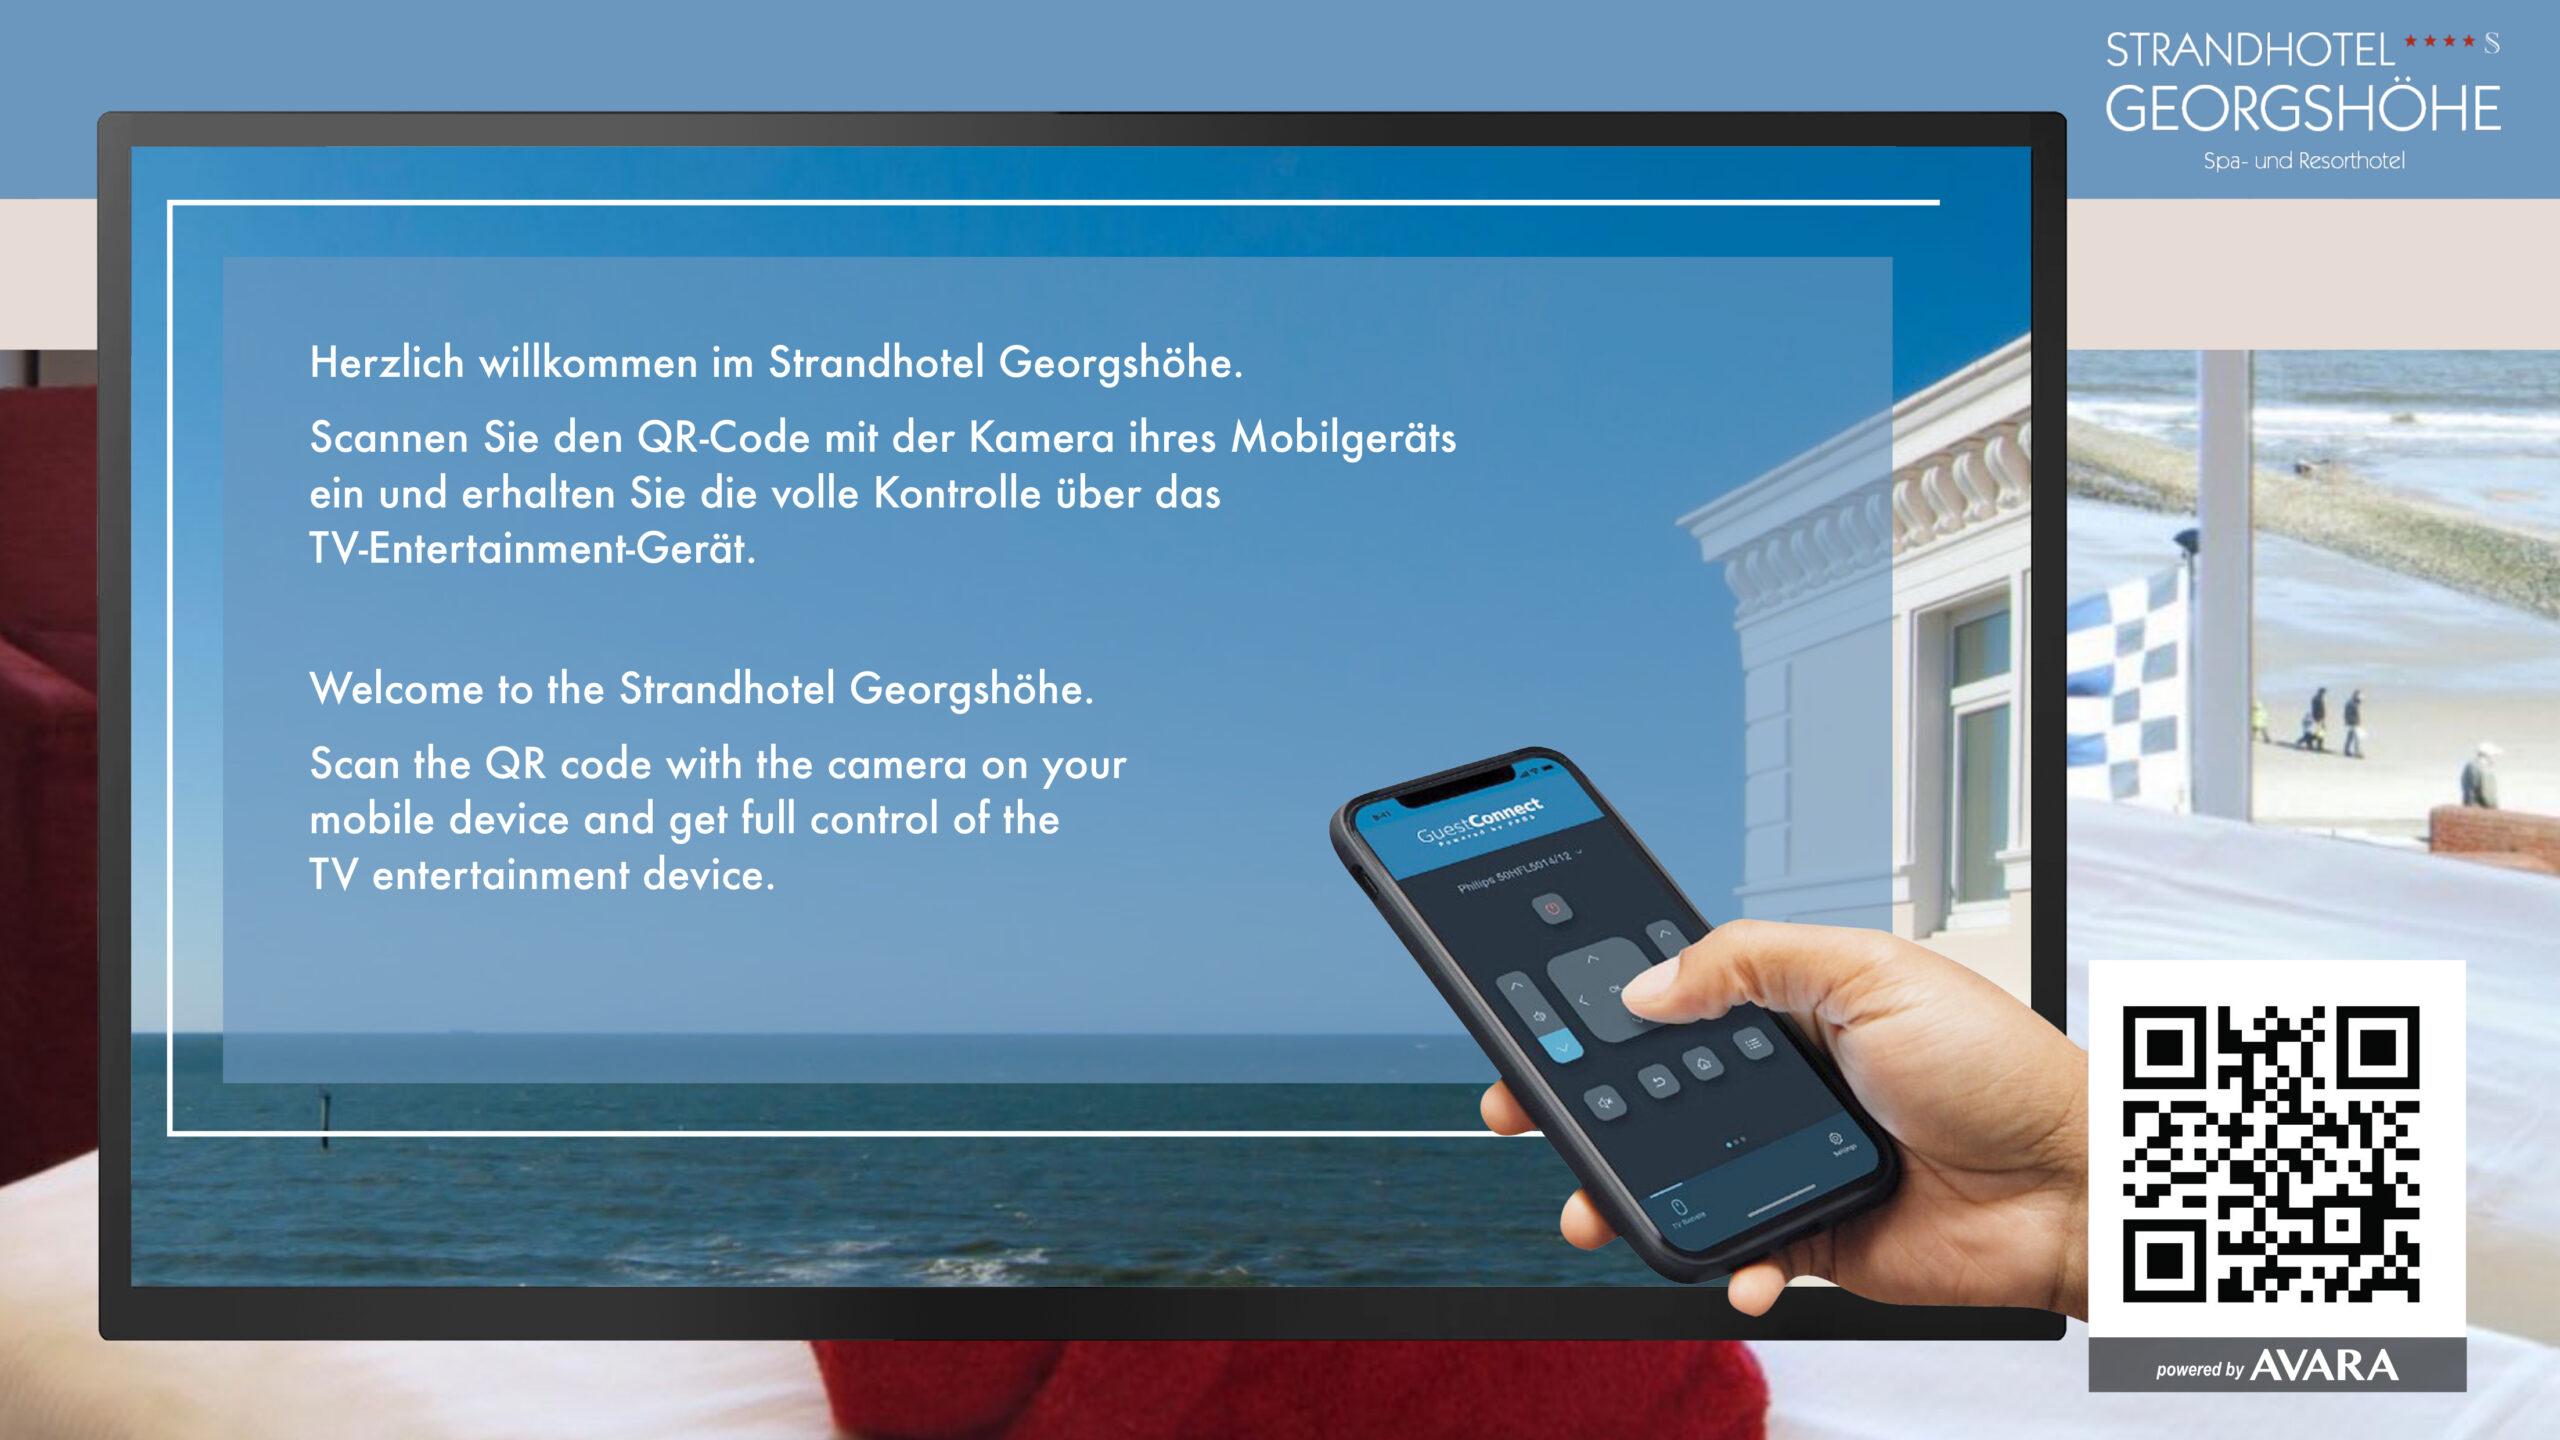 Strandhotel Georgshöhe Spa- und Resorthotel – Hotel-TV: GuestConnect von Philips